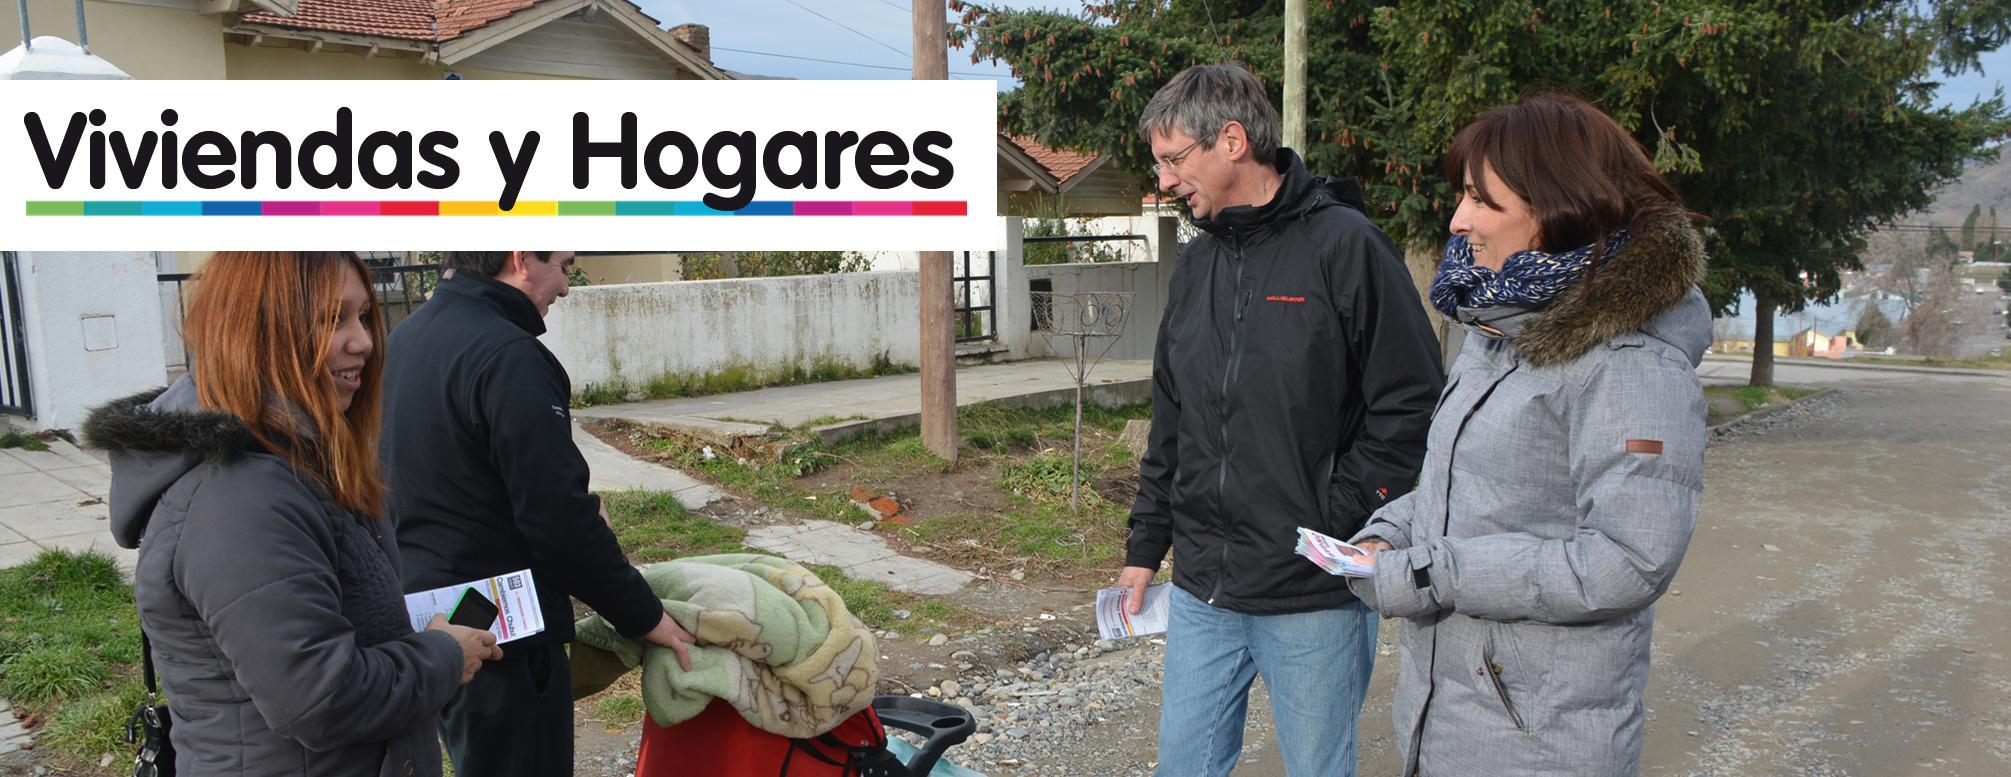 SLIDER-VIVIENDAS-HOGARES